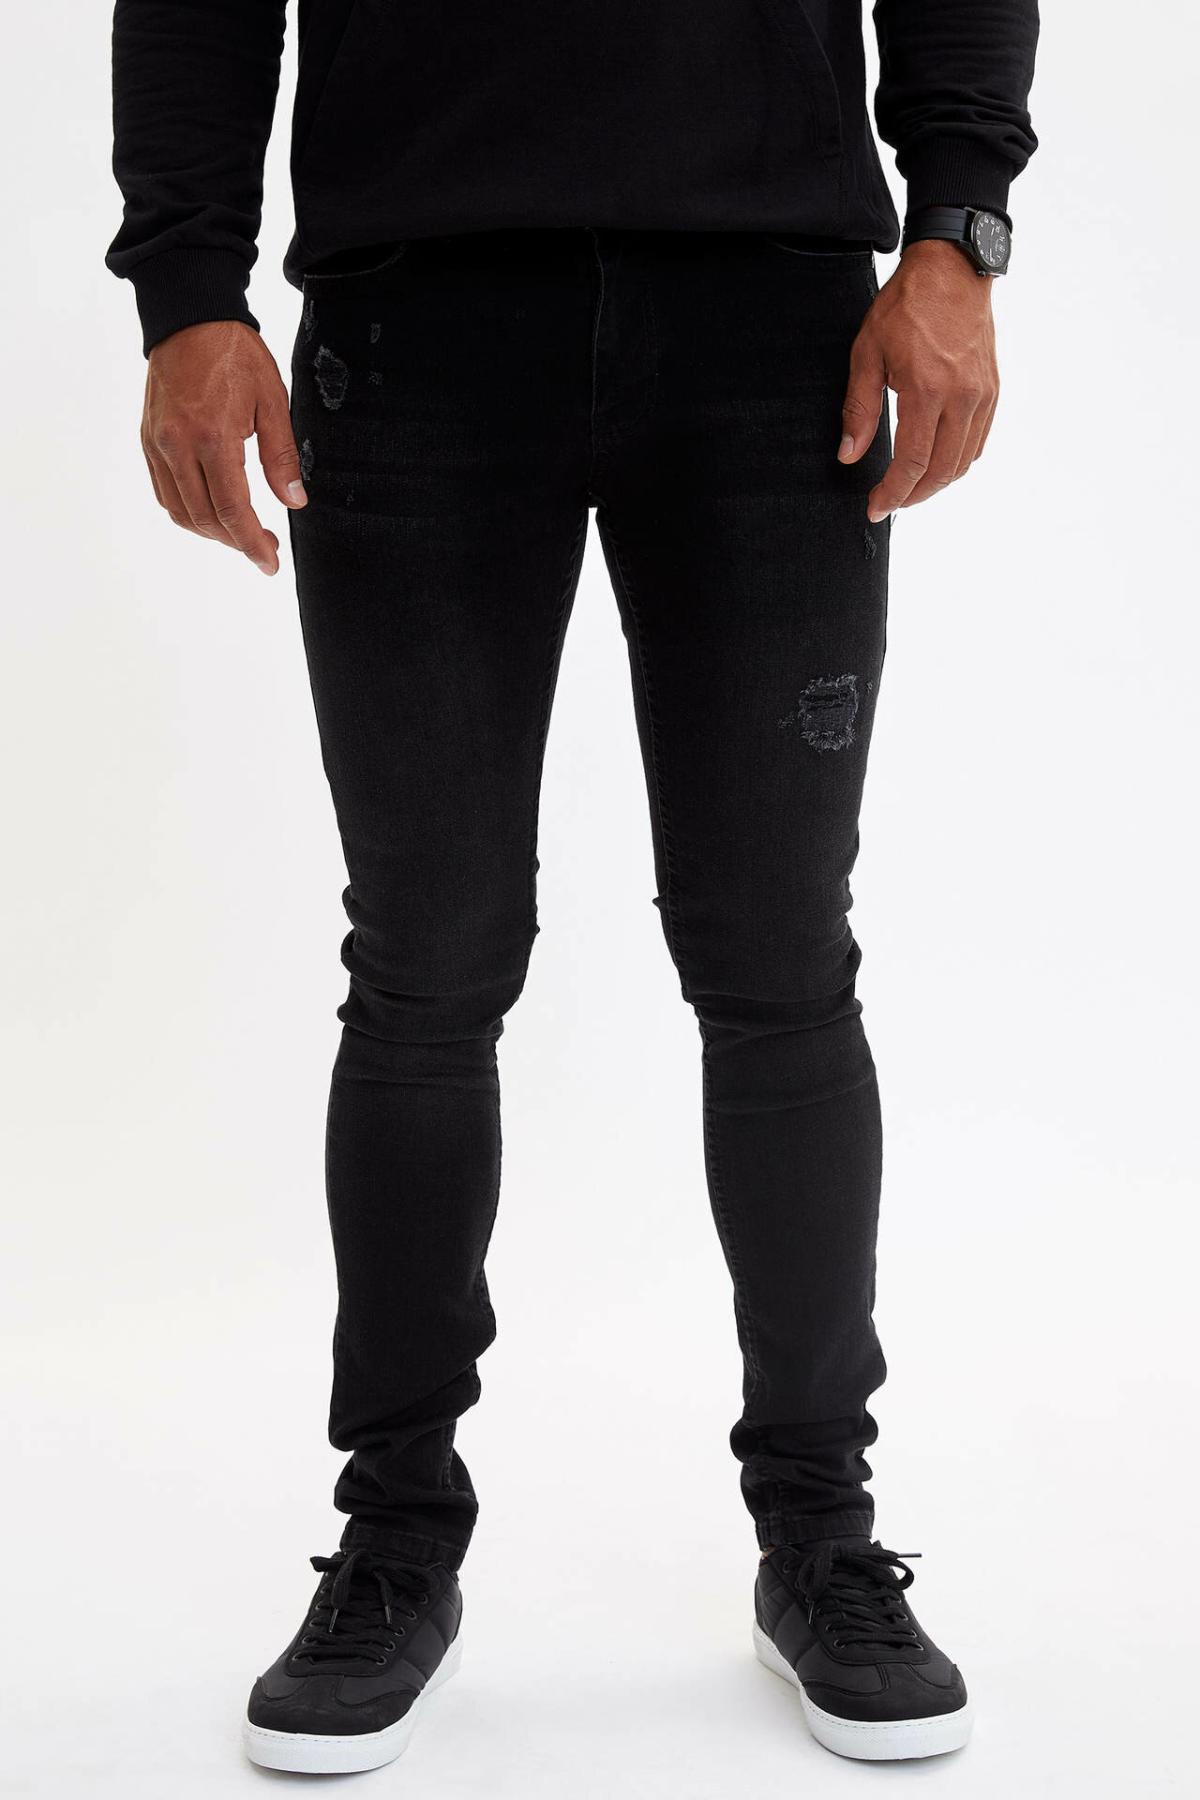 DeFacto Fashion Men's Simple Black Stretch Jeans Men Elastic Denim Pants Slim Trousers New Menswear New -L6713AZ19AU